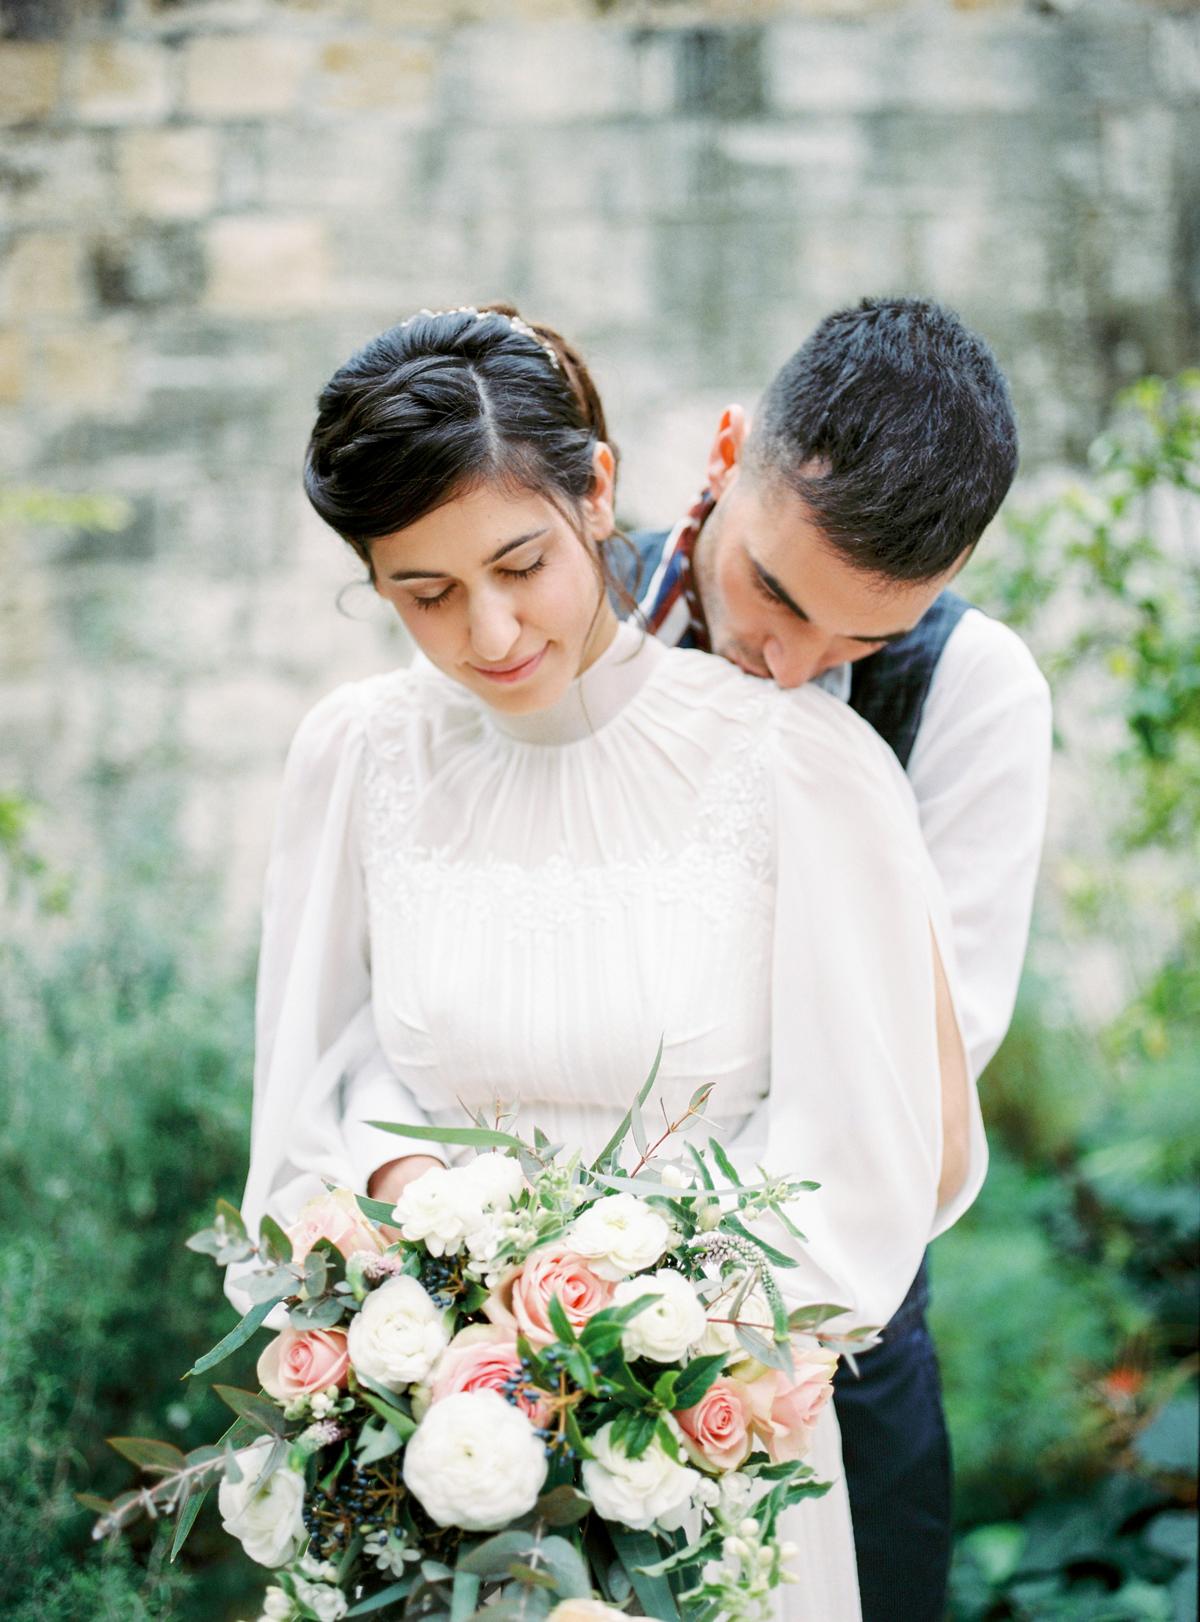 groom kissing shoulder of bride wearing high-neck wedding dress